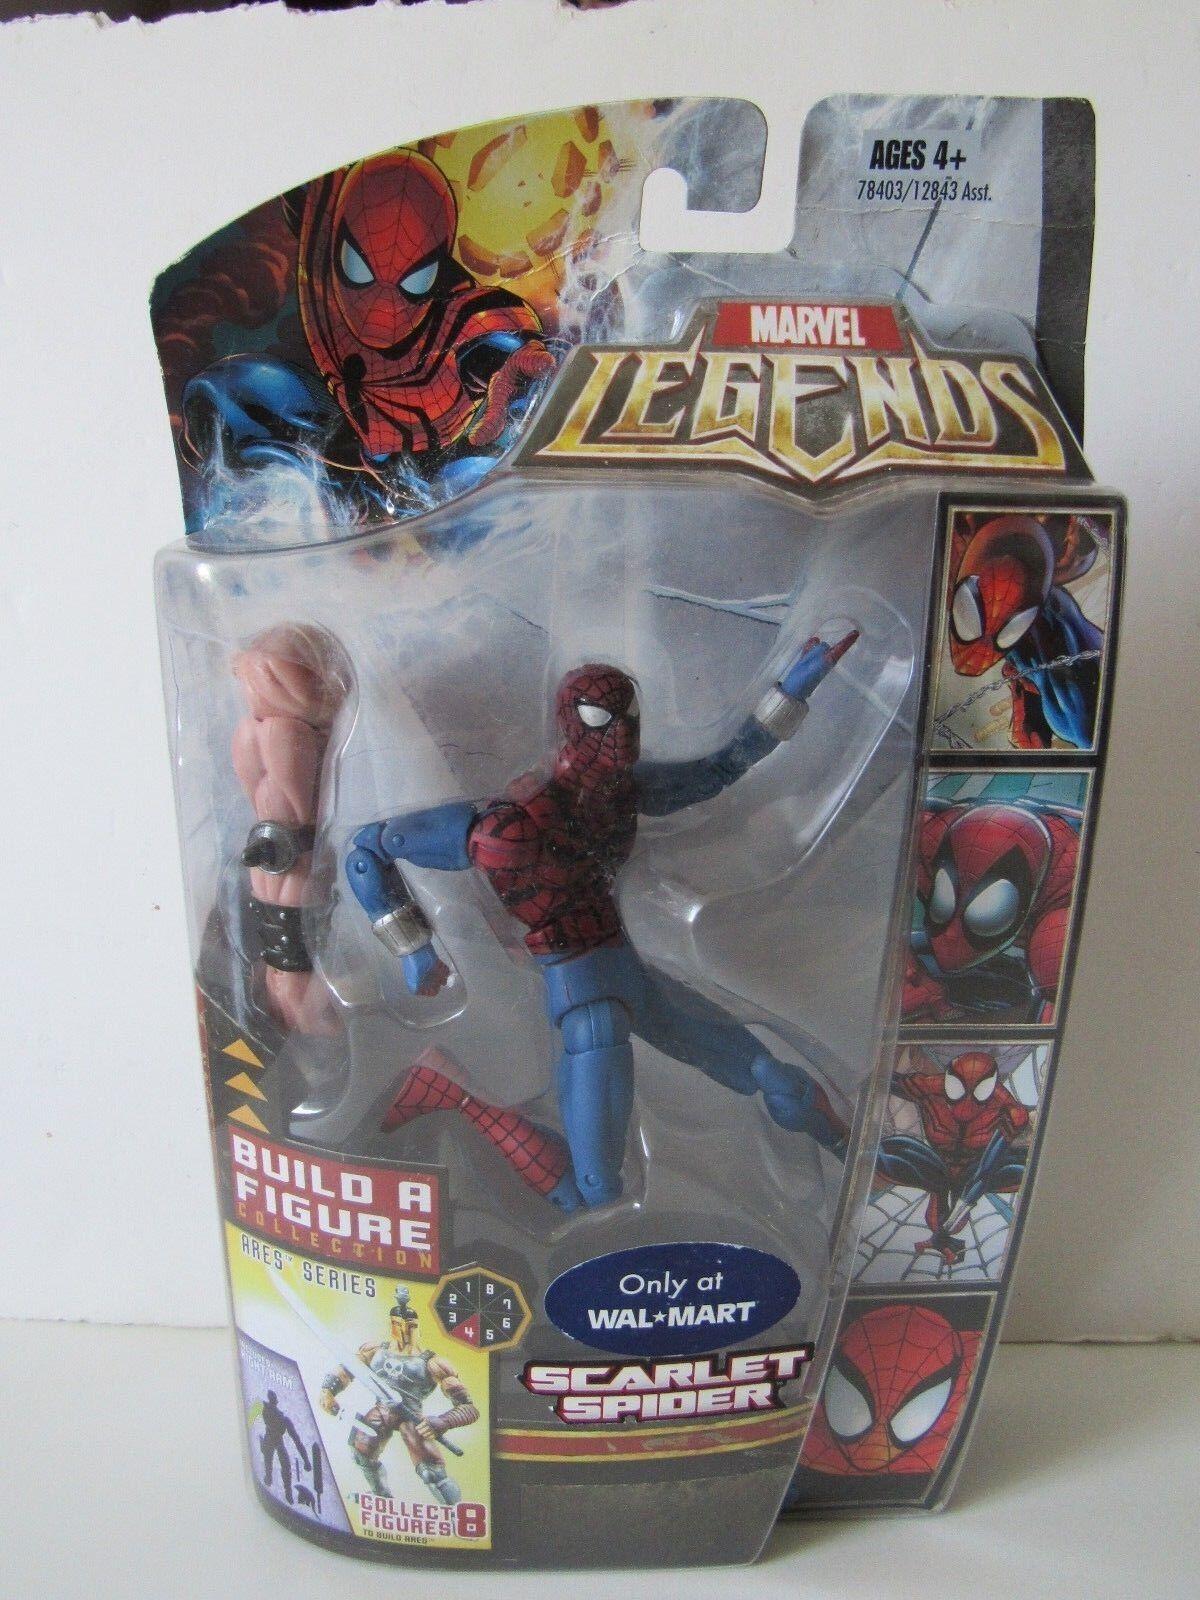 Marvel Legends Walmart Exclusive Ares Baf Scarlet Spider Man Action Figure NIP